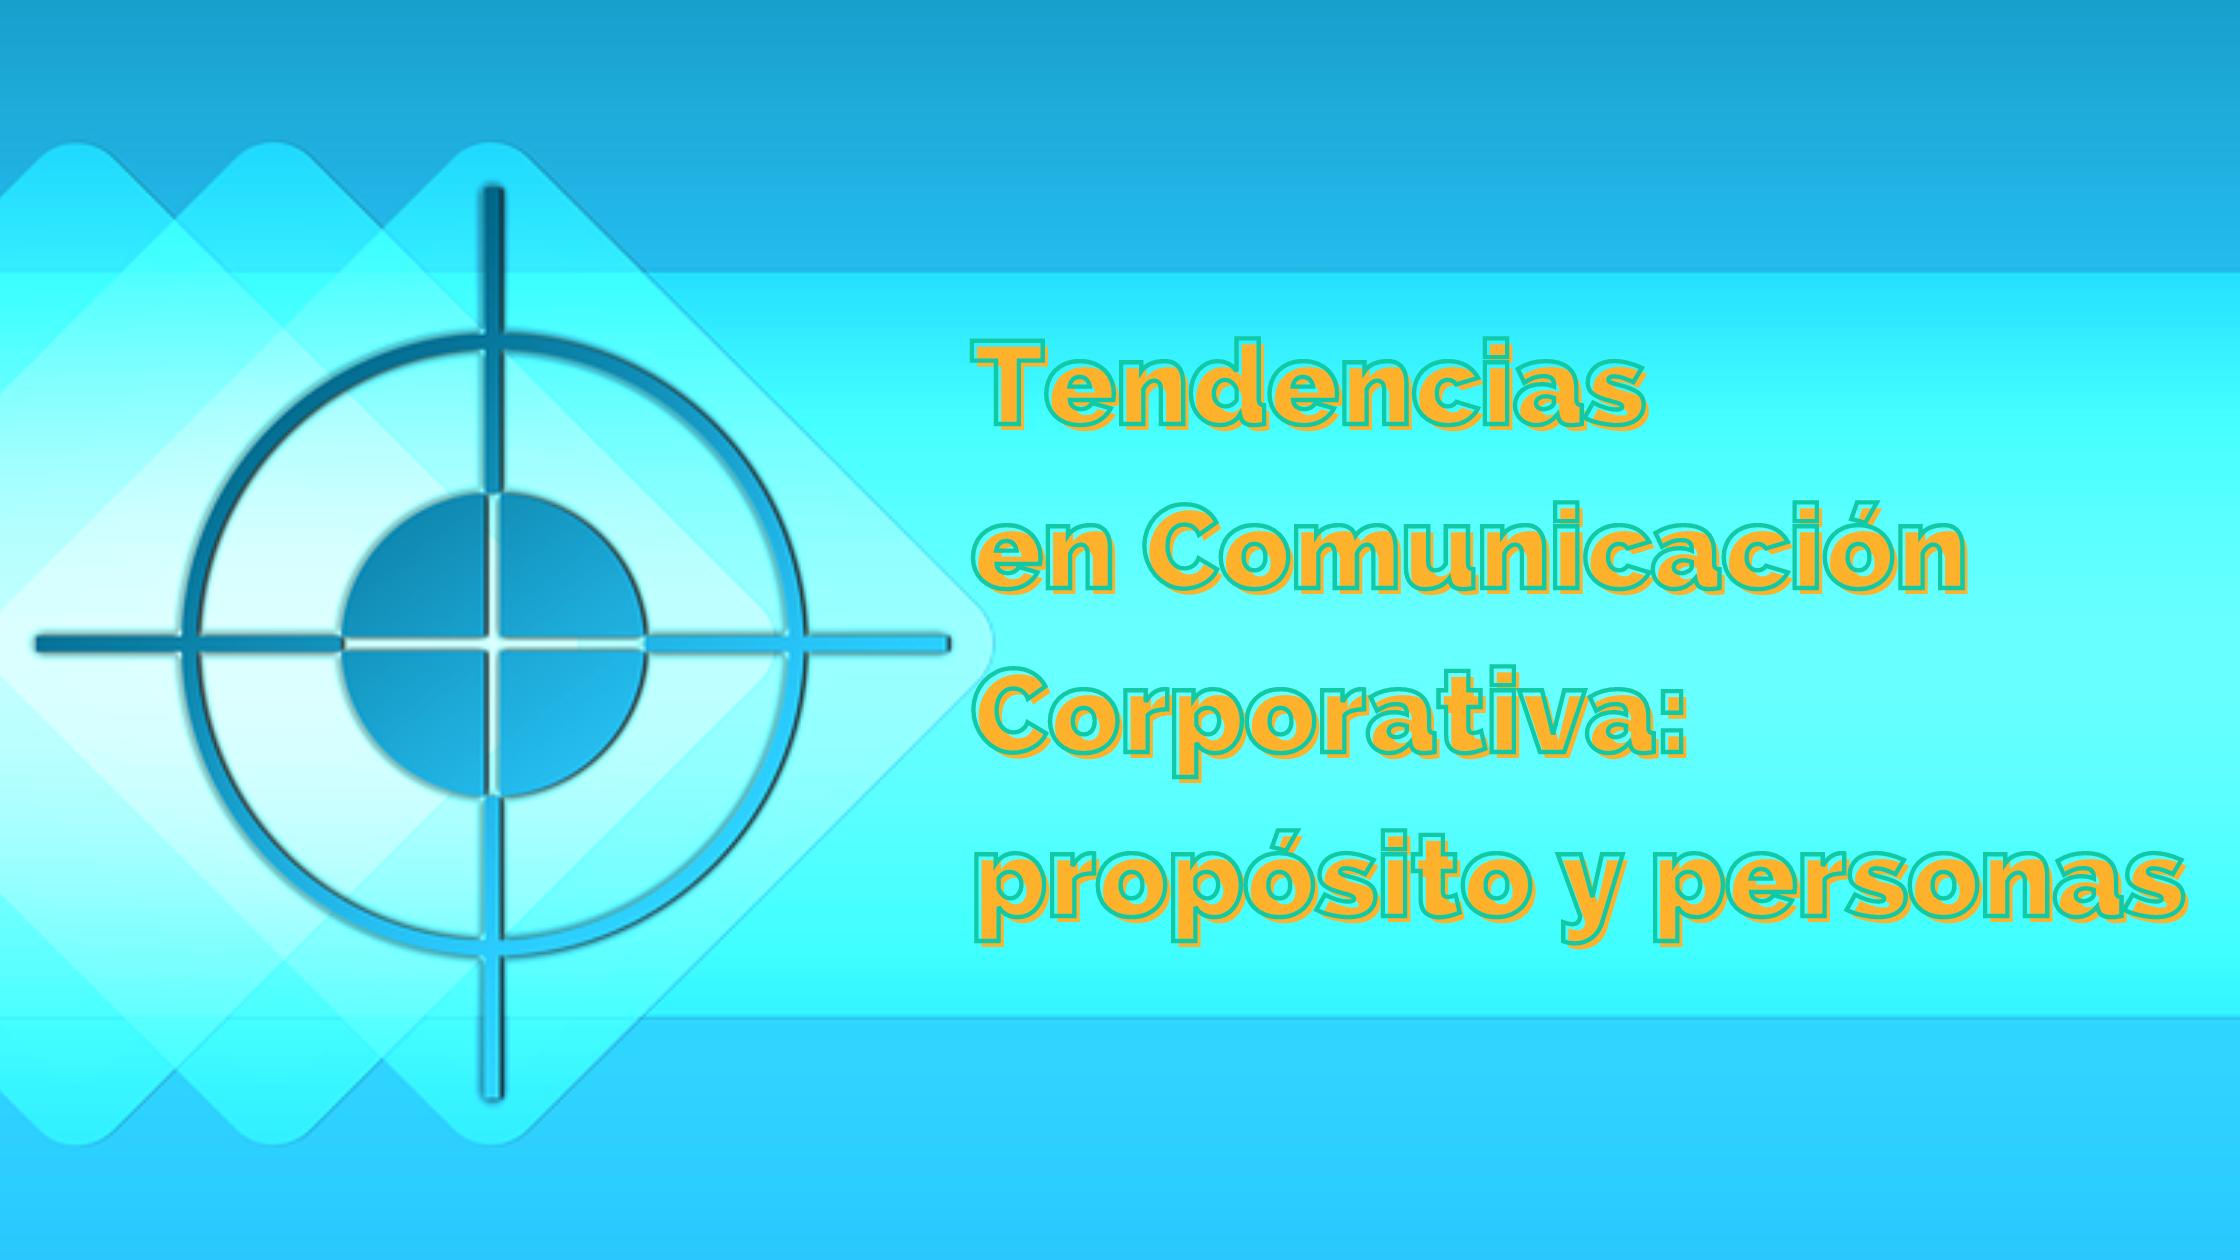 Tendencias en Comunicación Corporativa para 2021 (parte 1) propósito y personas